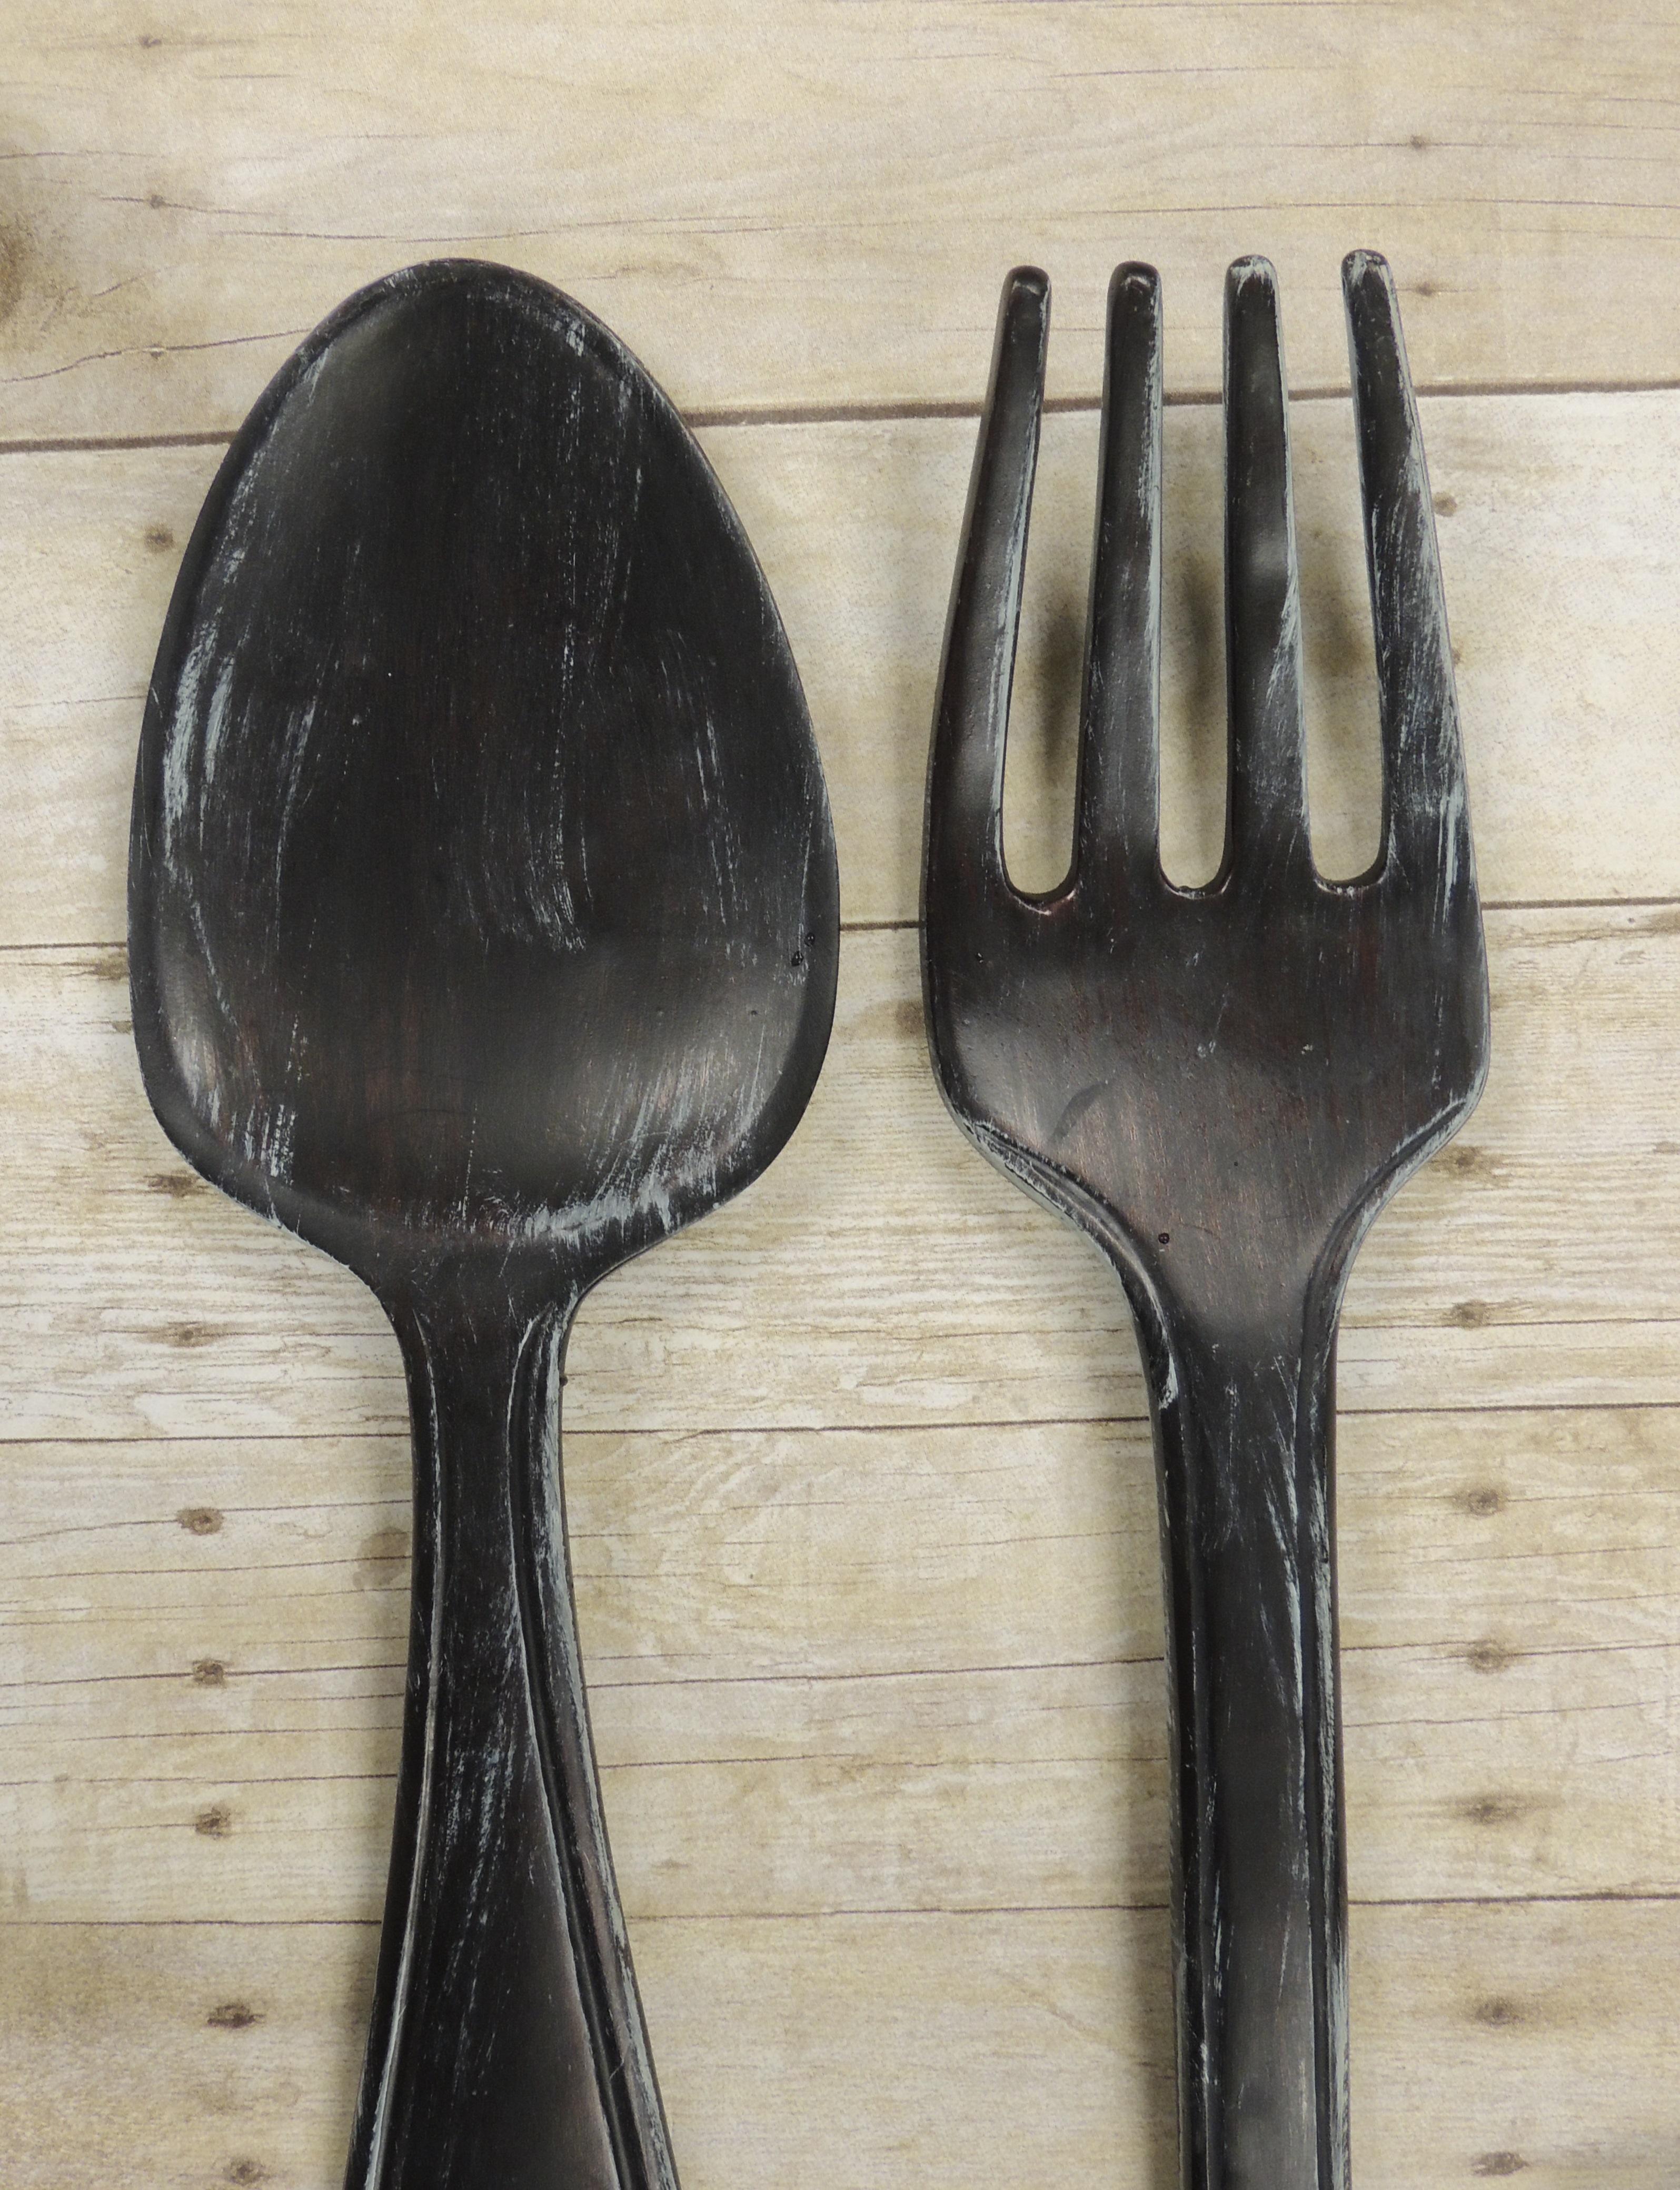 Free Images : utensil, cutlery, silverware, wood, tool, rustic, meal ...